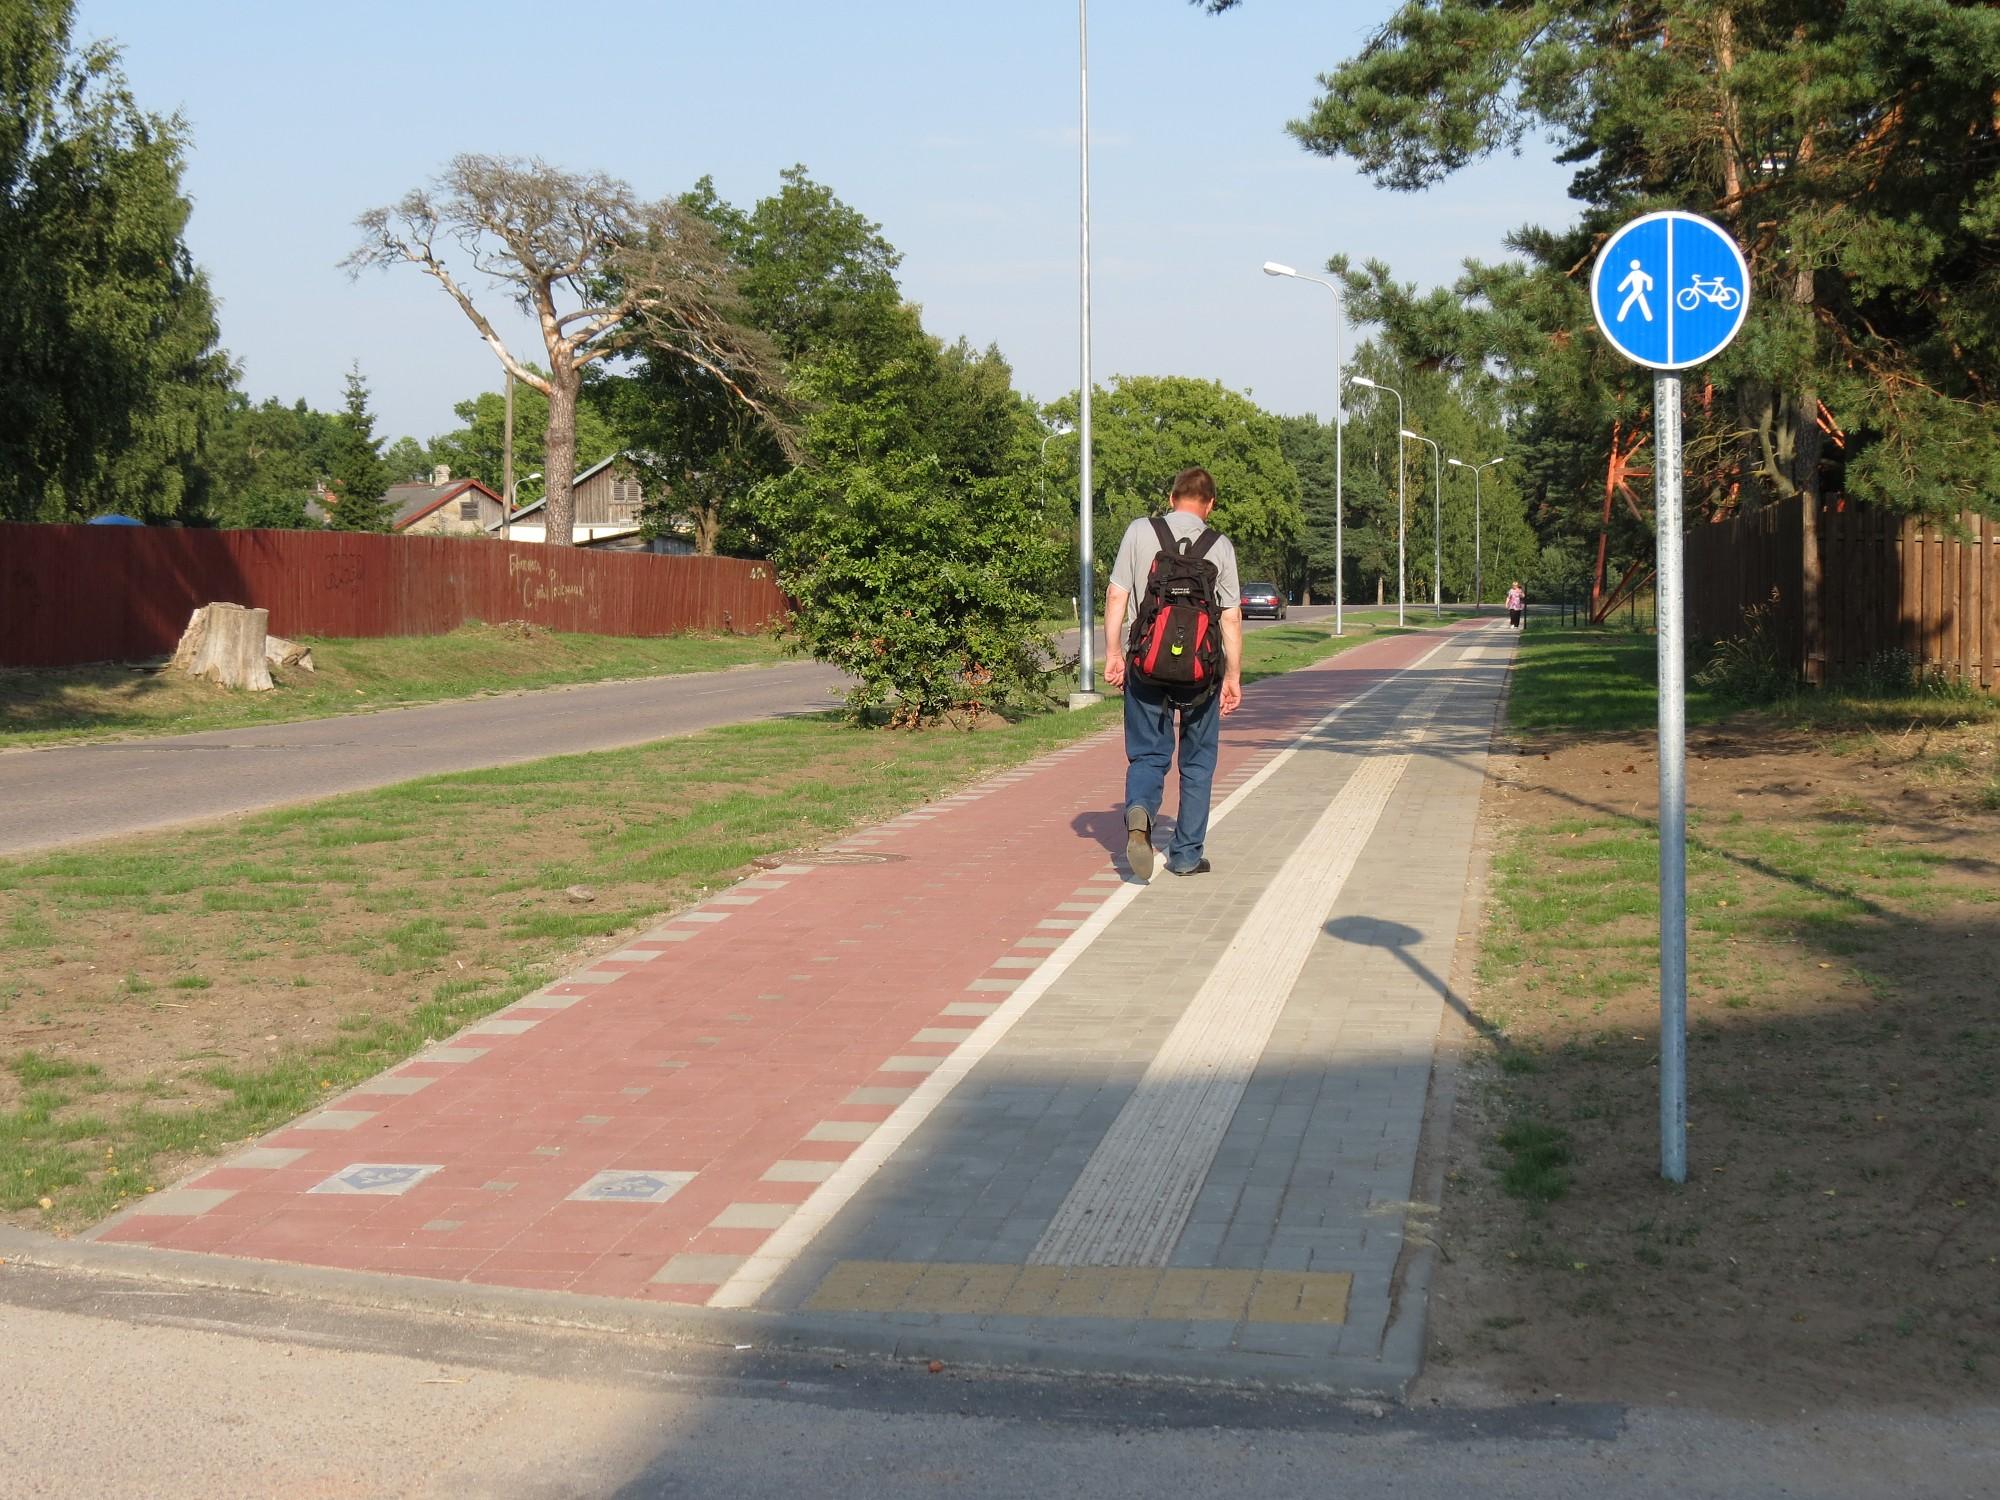 Turaidas ielā uz veloceliņa zīmes uzstādītas ačgārni